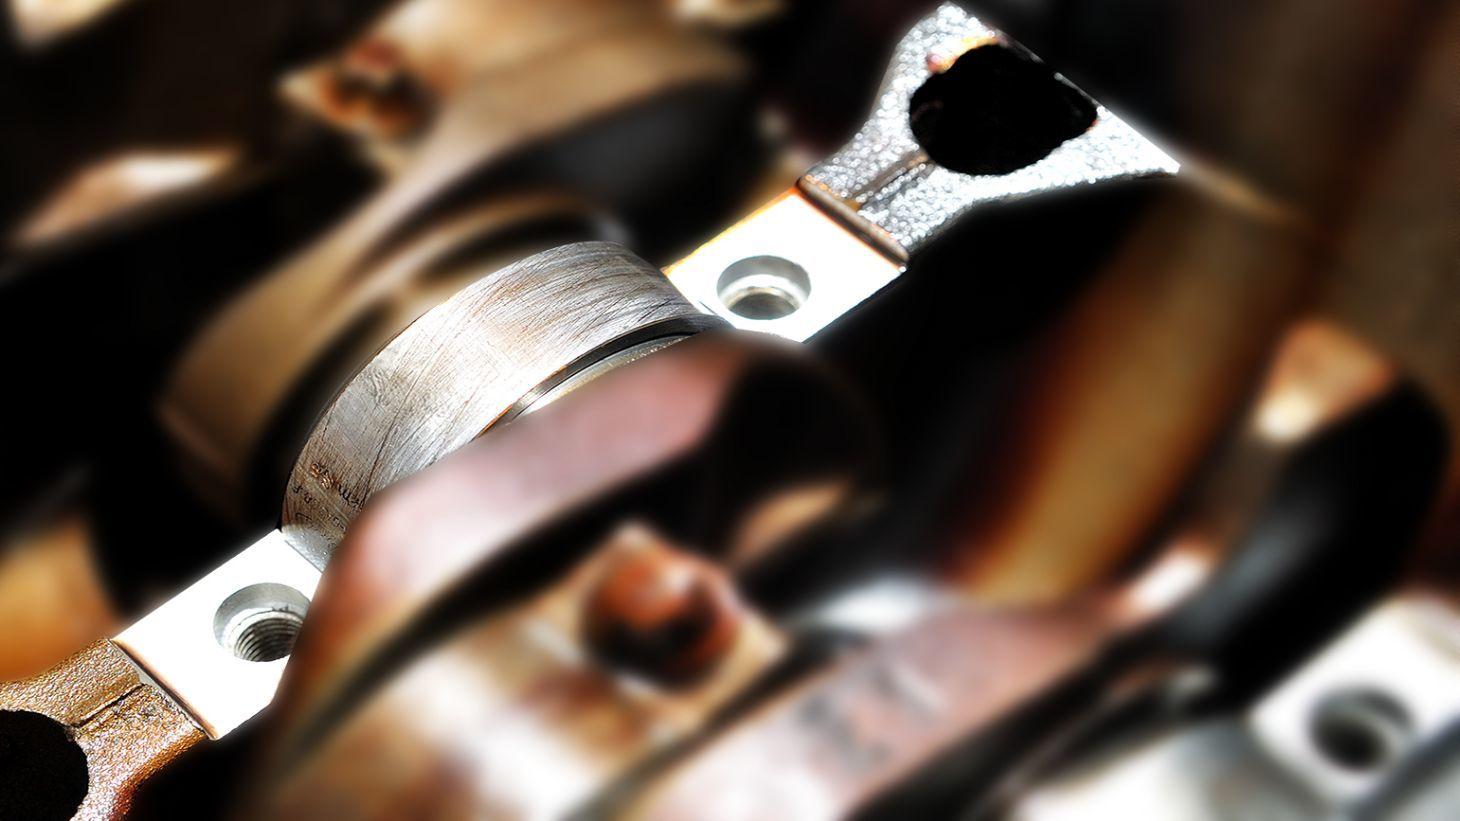 mancal-motor-shutterstock-1460x821 Você sabe o que é virabrequim e biela? Conheça as principais peças do motor...